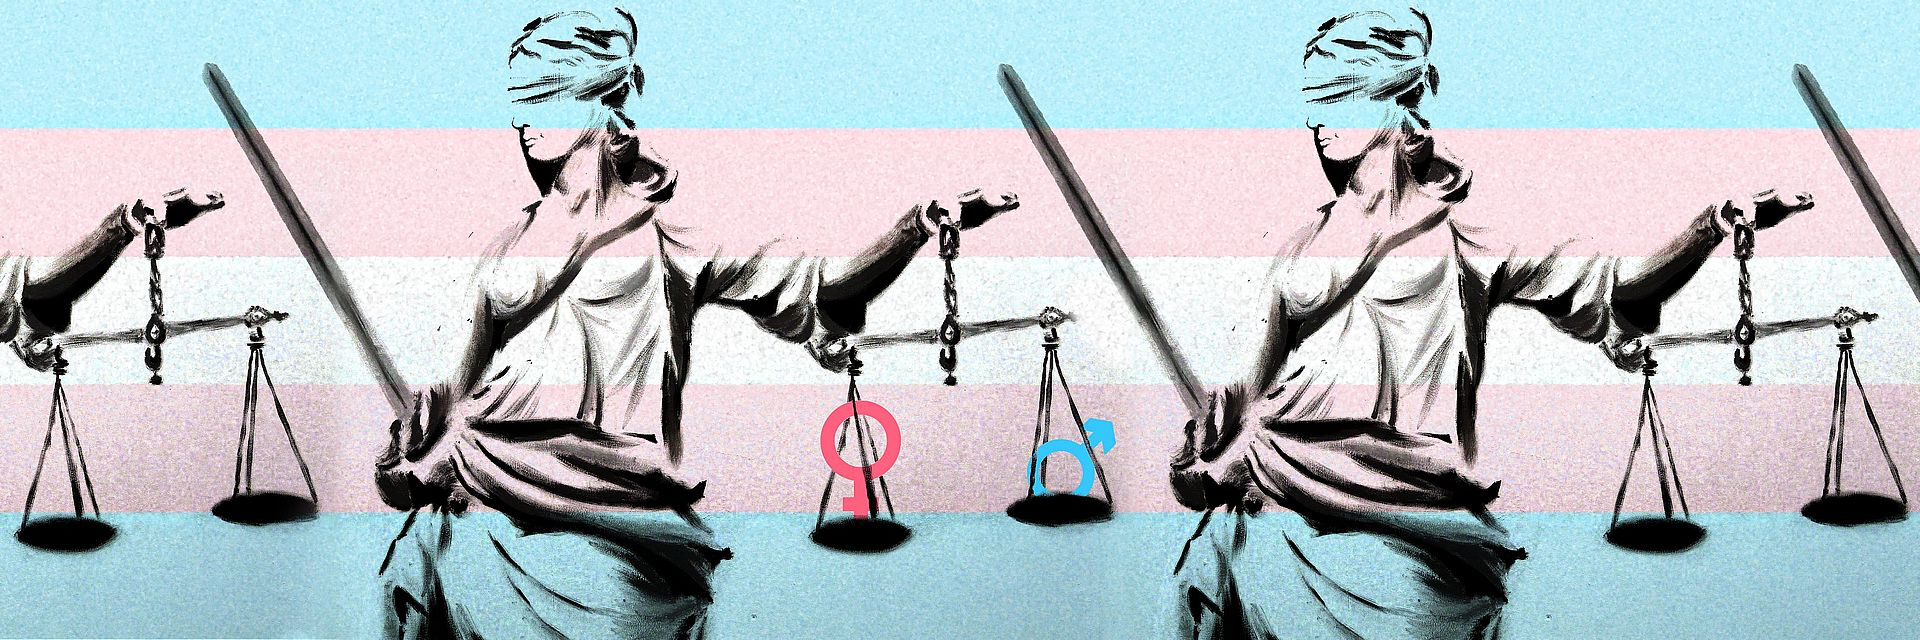 Temida sprawiedliwości - ustalenie płci